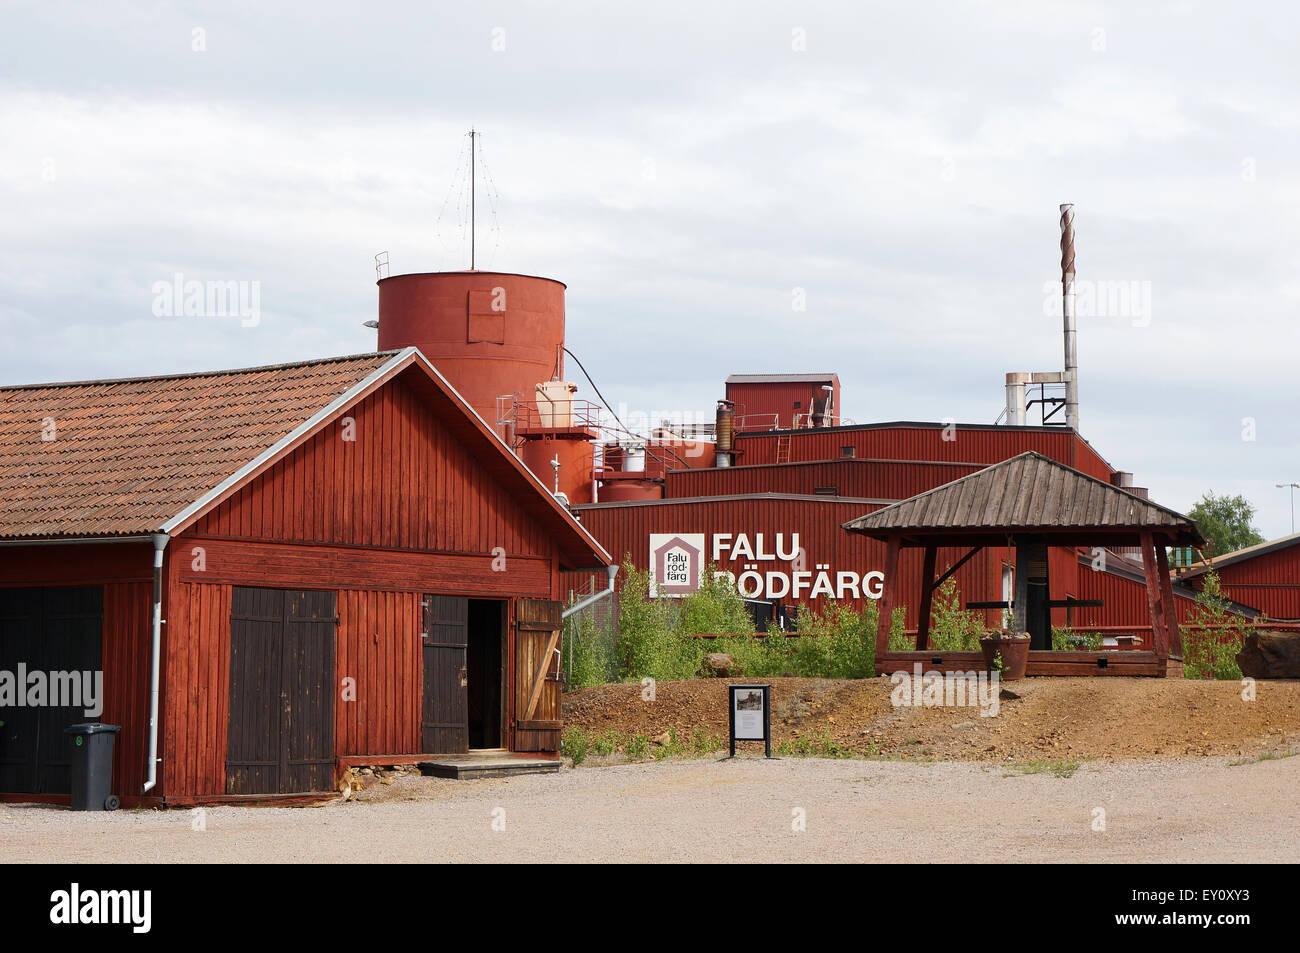 Falu Rödfärg pigment factory, Falun, Sweden - Stock Image